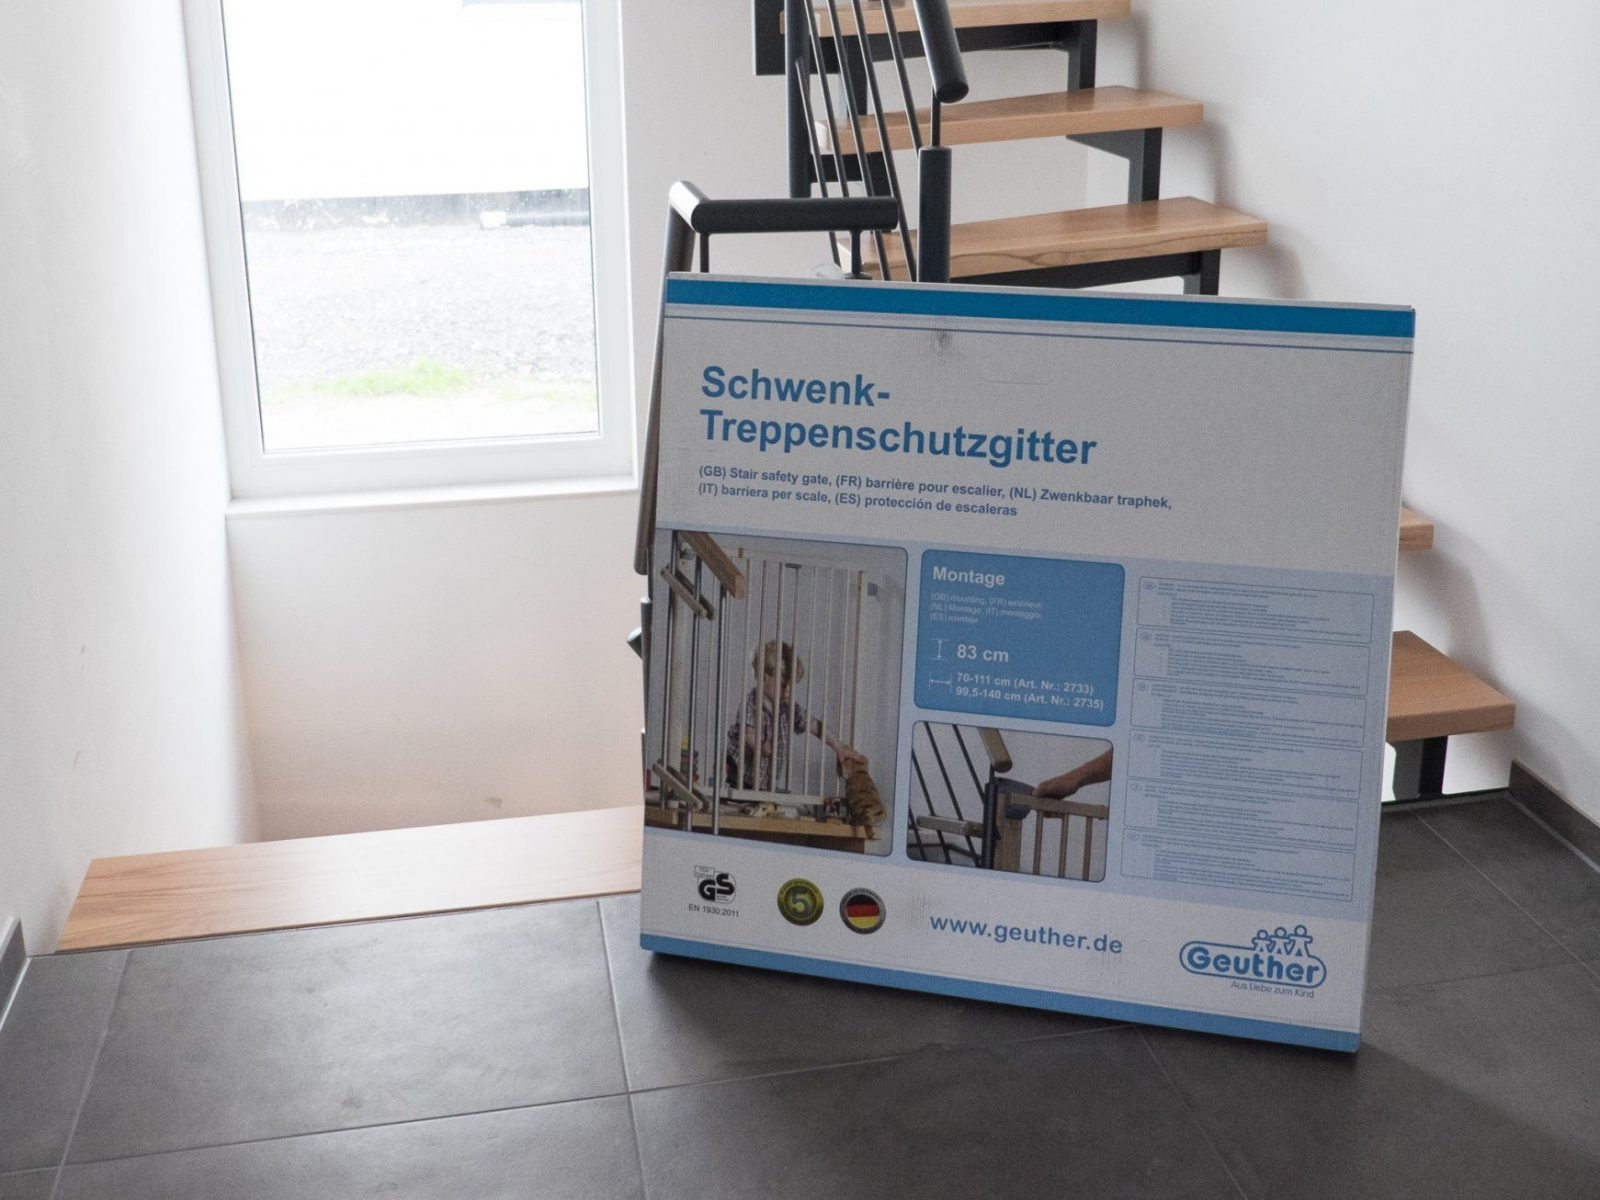 Geuther Treppenschutzgitter – Ein Haus Für Den Zwerg von Treppenschutzgitter Zum Klemmen Ikea Photo